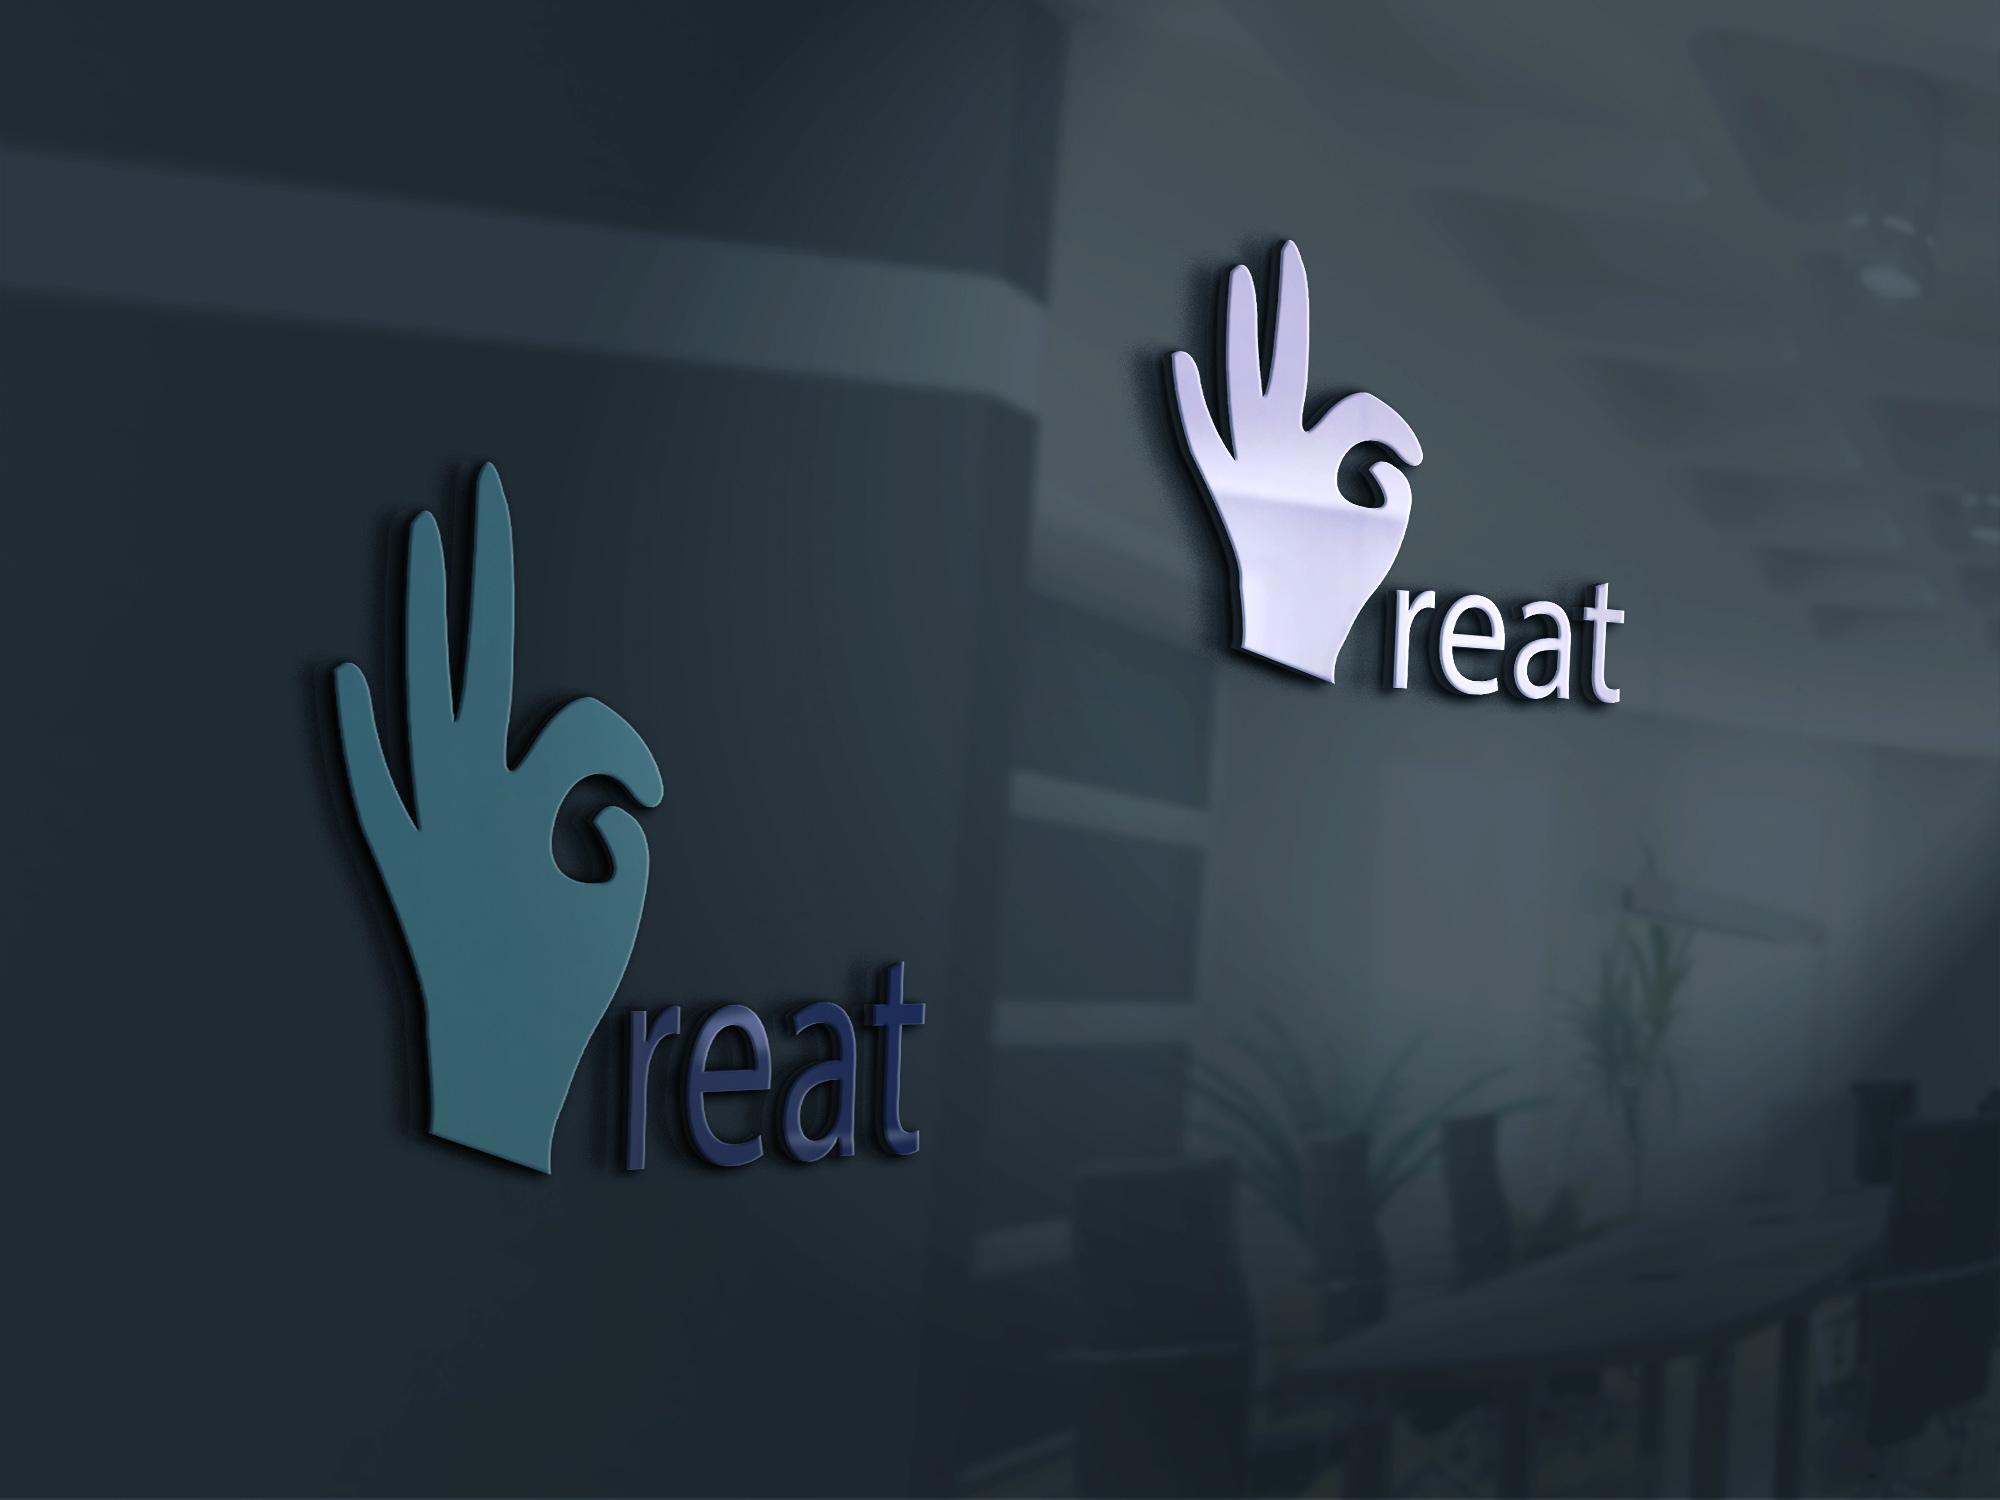 Amazing unique professional business logo design